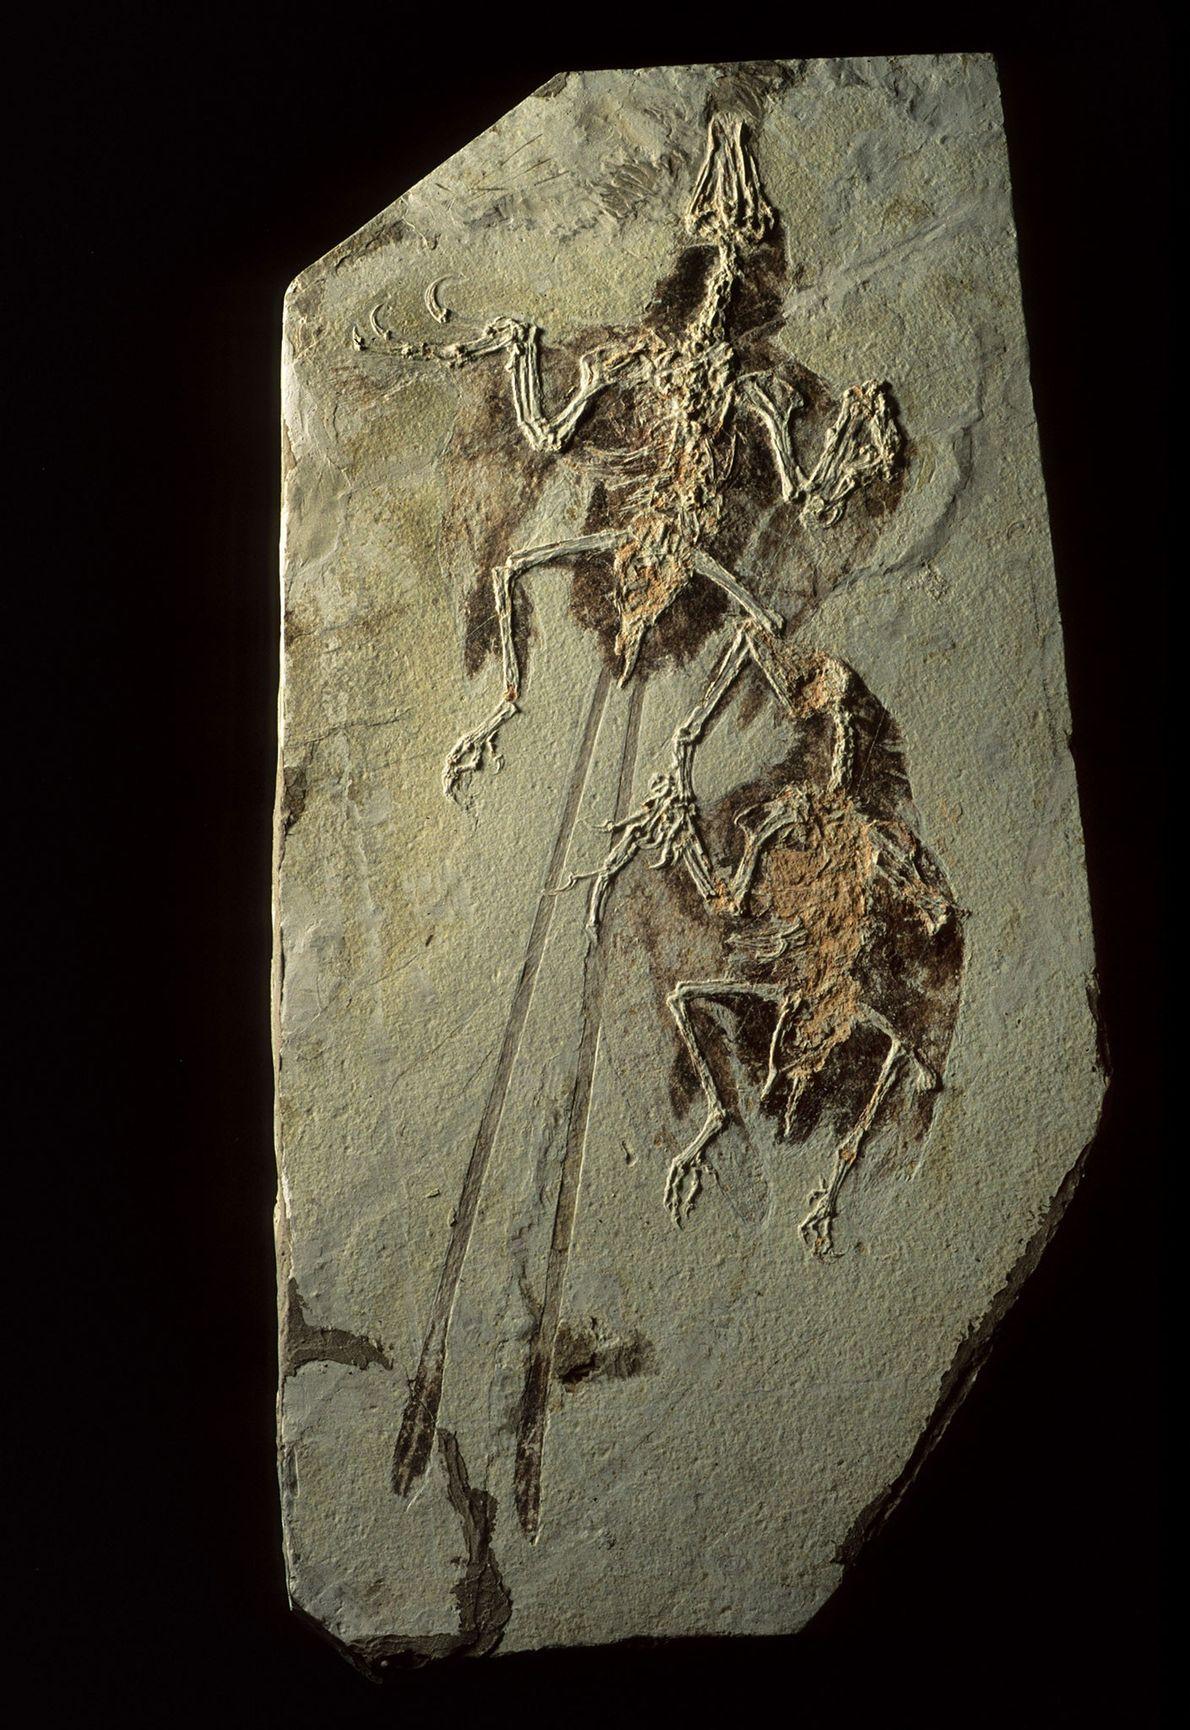 Os depósitos fósseis de Liaoning, na China, não apenas preservam os dinossauros, mas também os primeiros ...